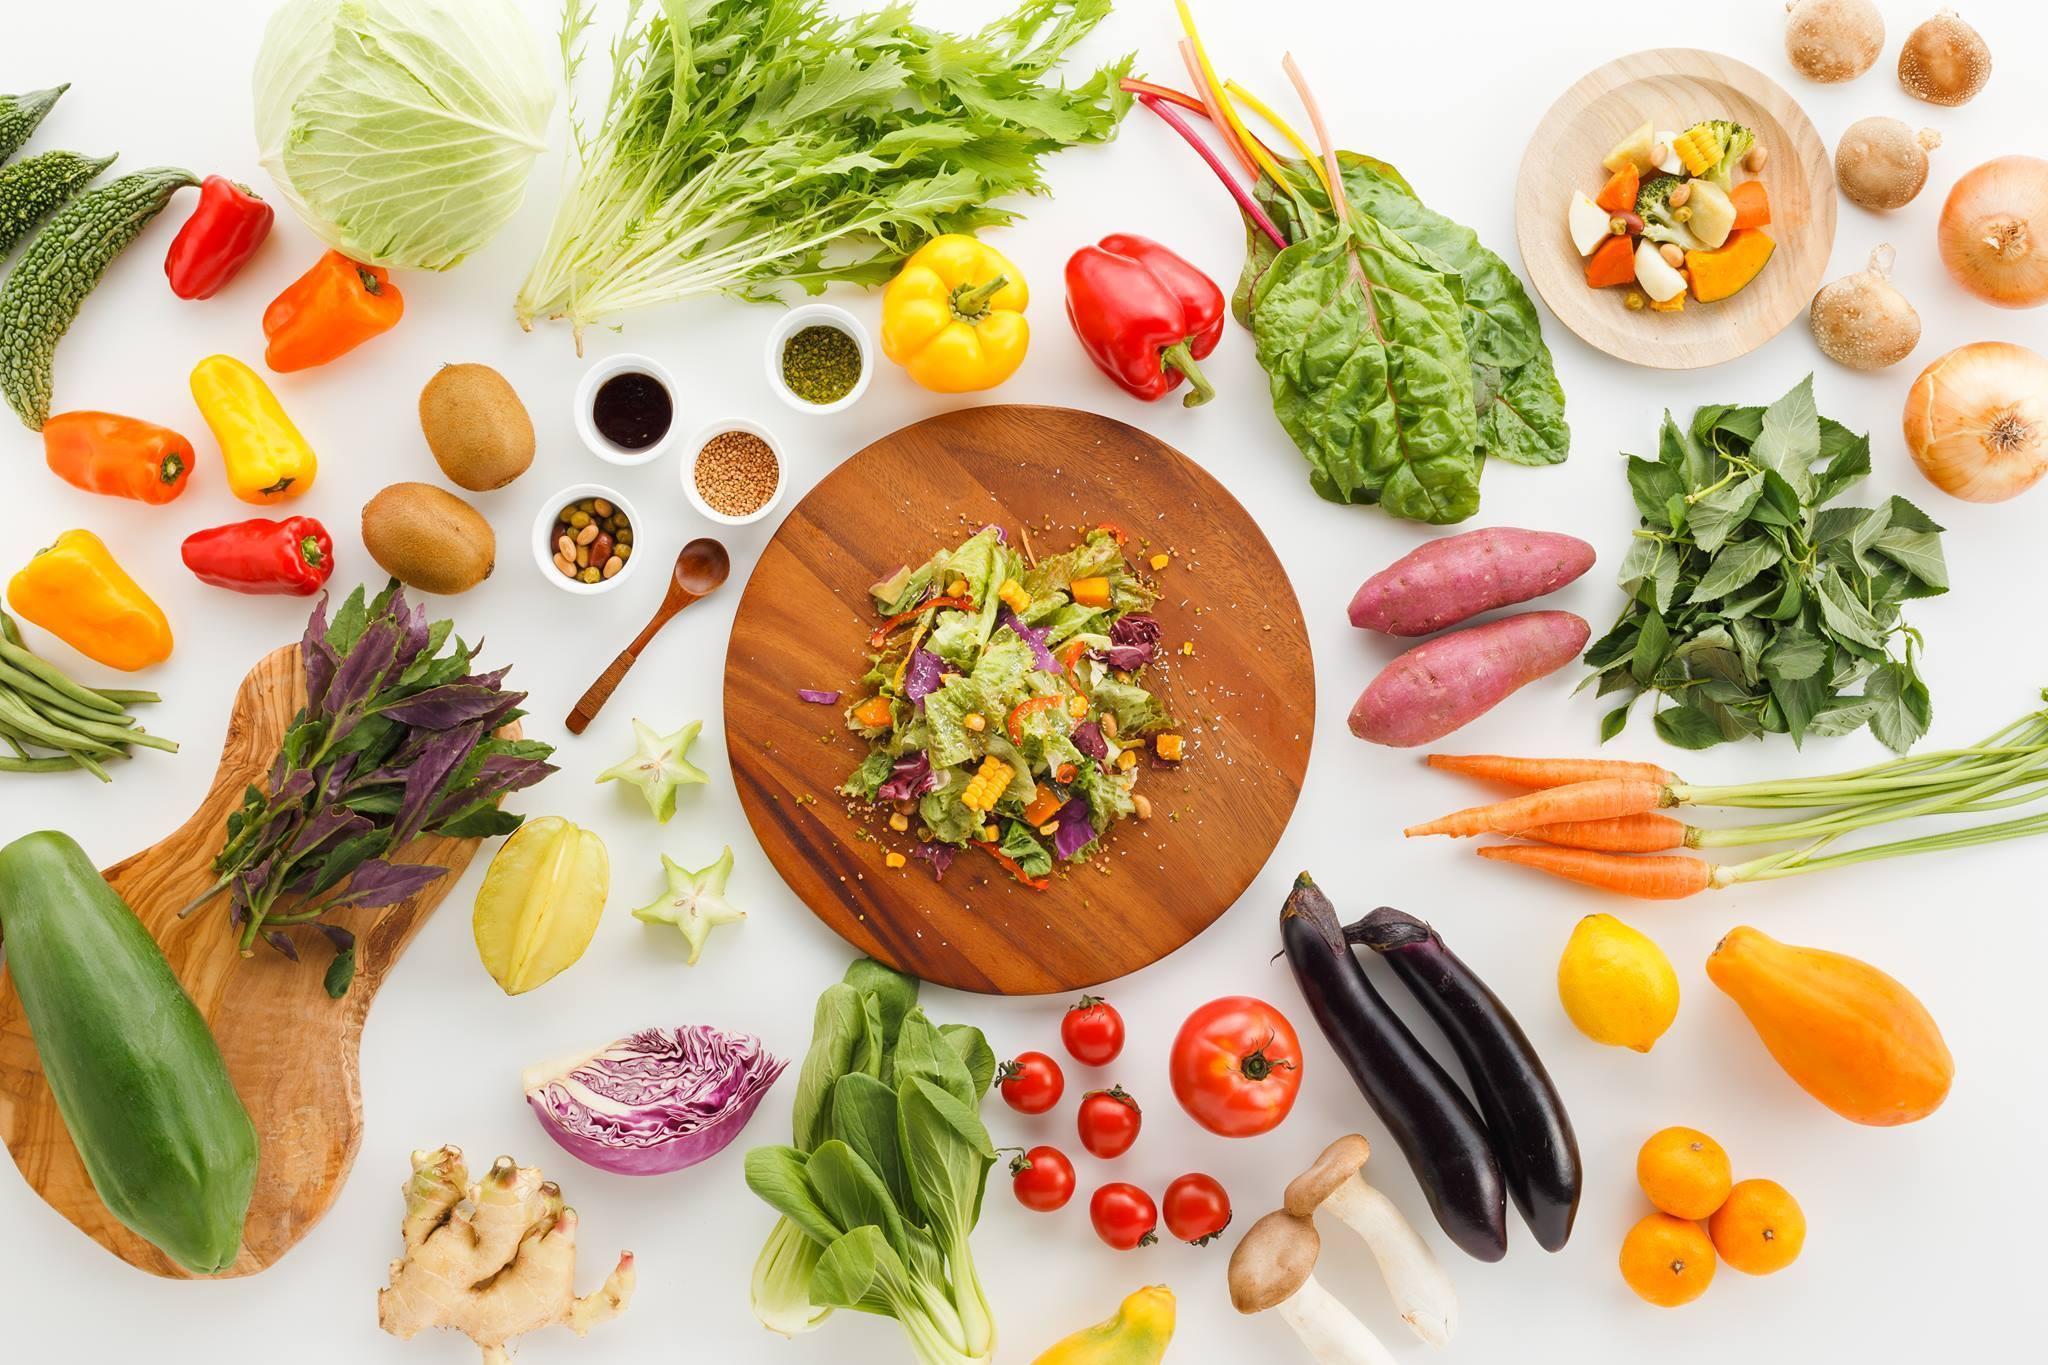 いま食べようとしている野菜は、誰かが心を込めてつくったかけがえのないもの。それに気がつくだけで、日々の食卓への想いはより深く豊かになるはず